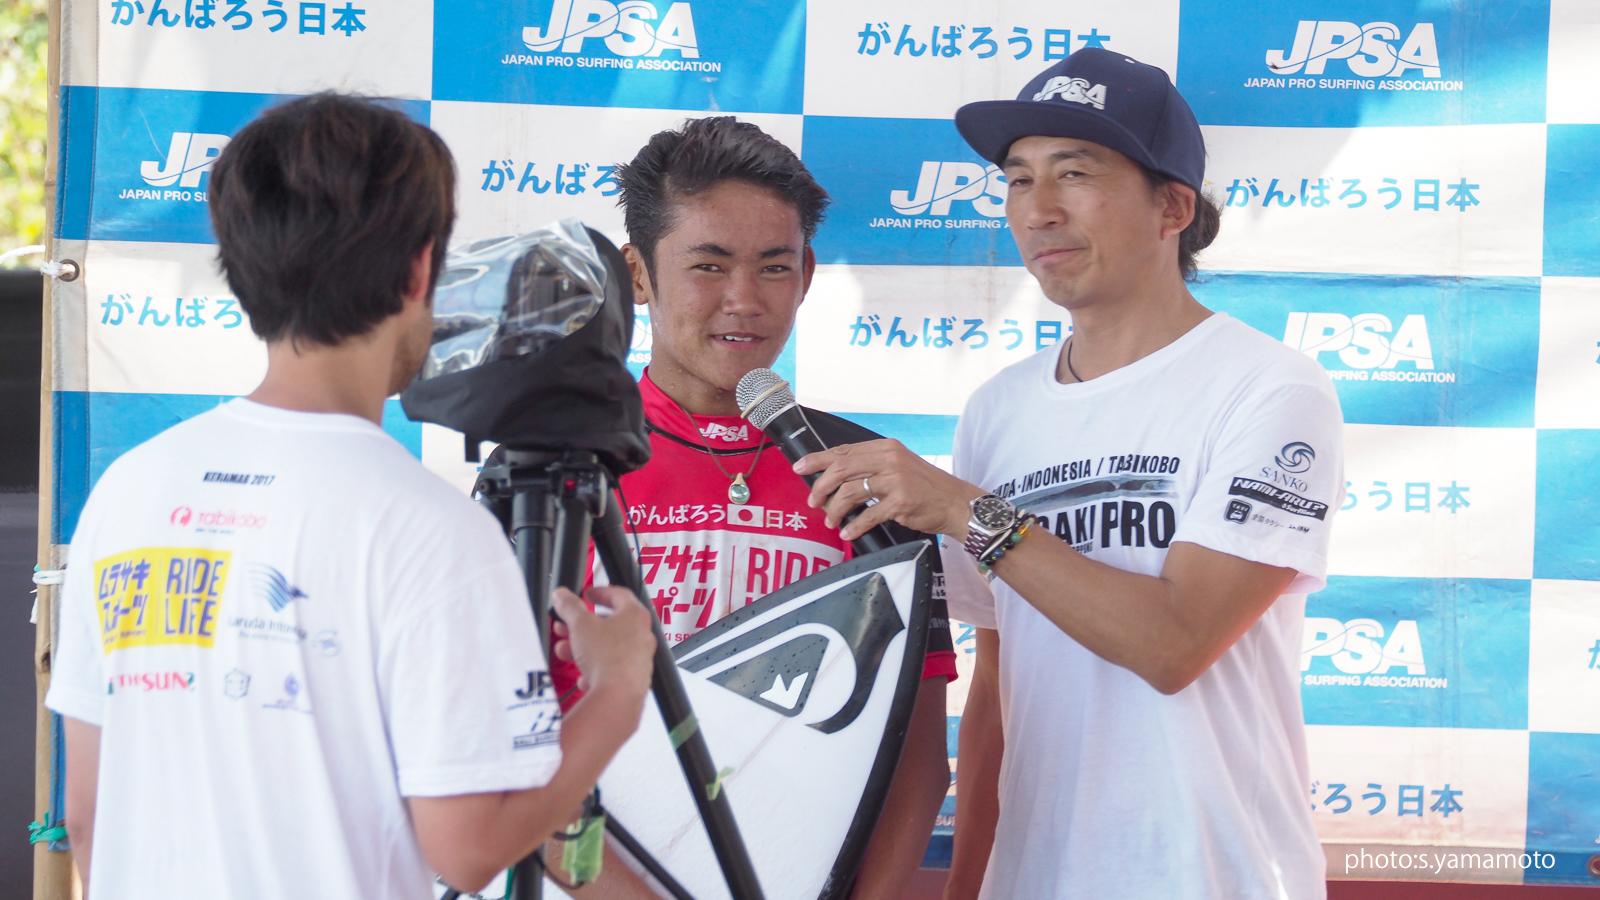 昨年は3位入賞した和井田理央。今年は優勝しか見えていないはず。